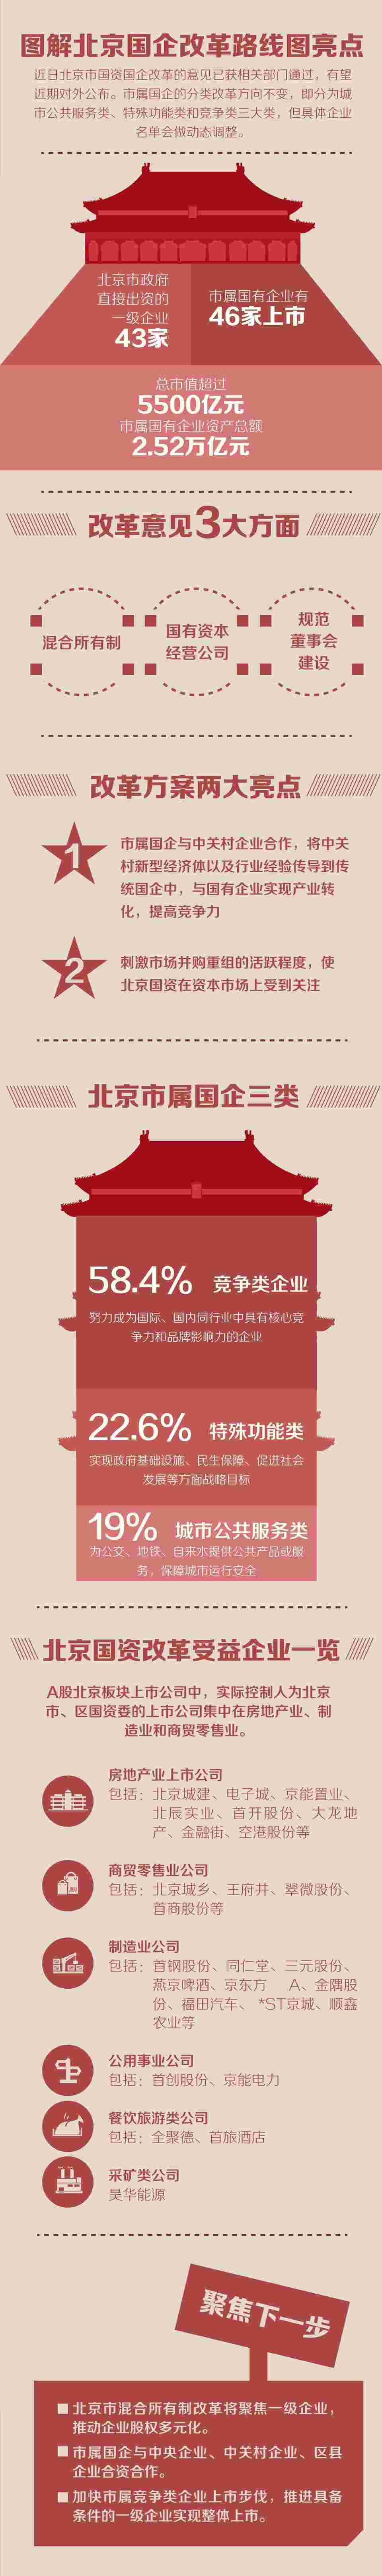 北京���Y改革路��D亮�c